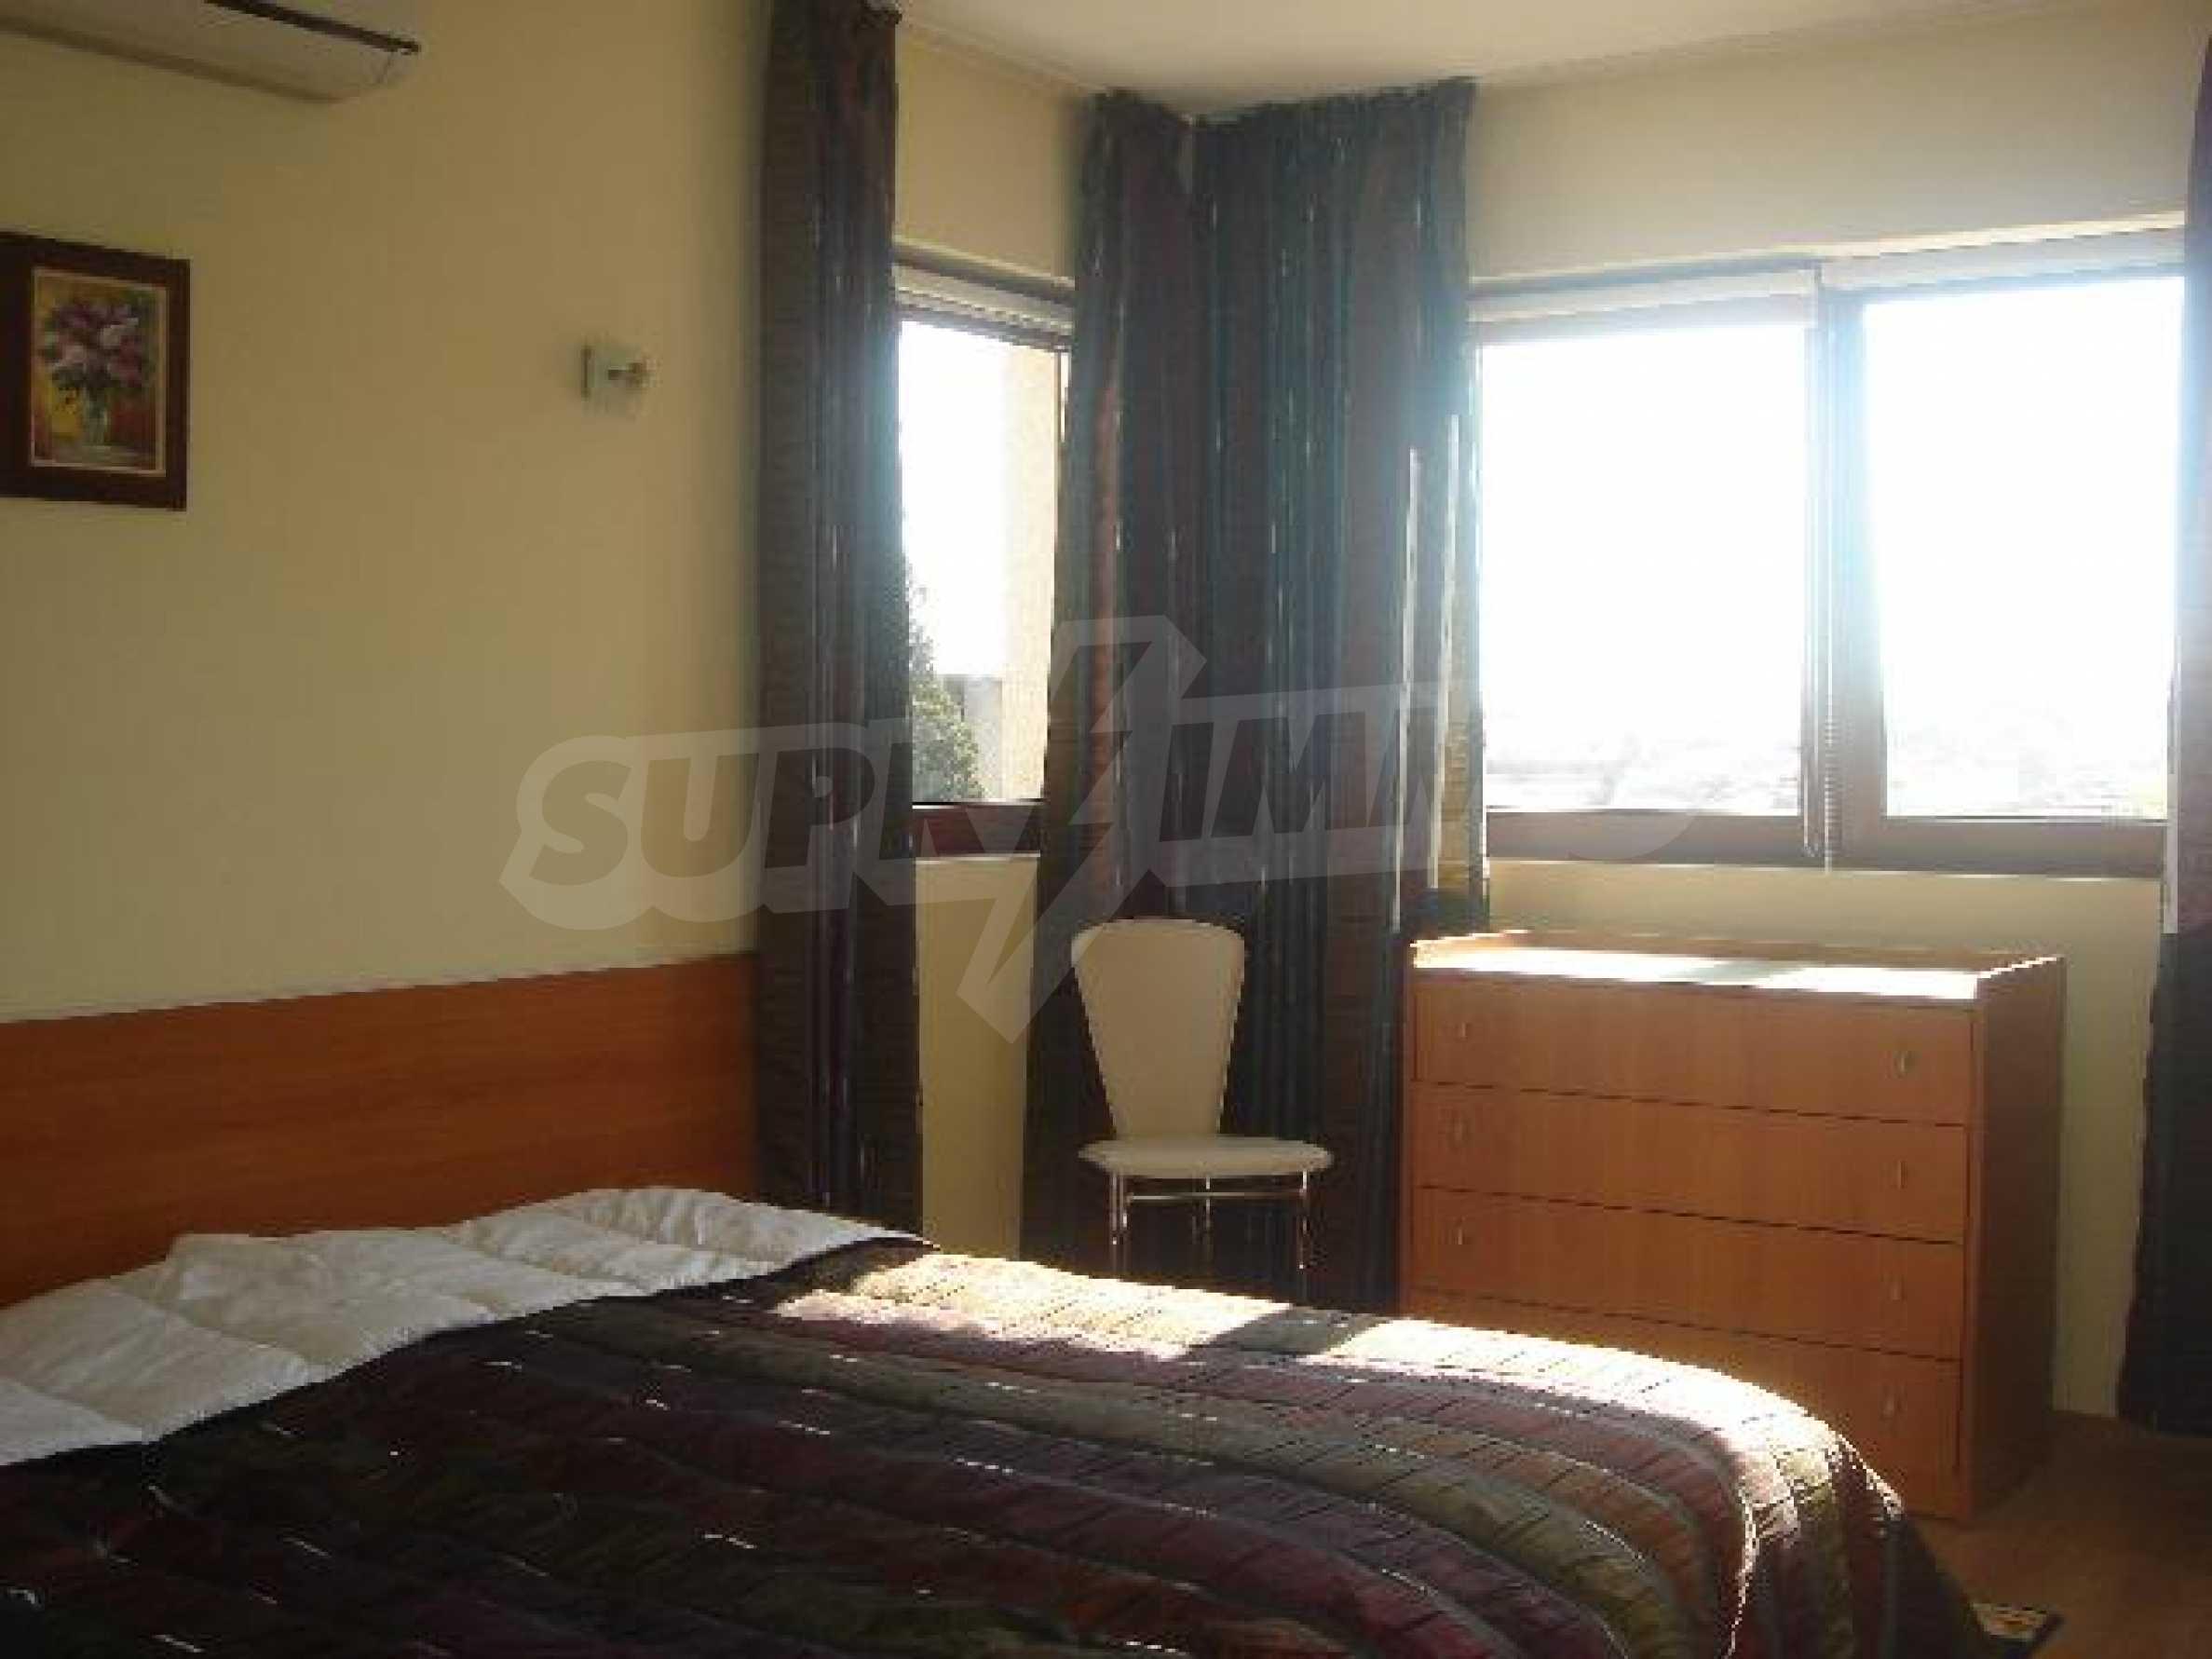 Луксозно обзаведен двустаен апартамент в идеален център 4